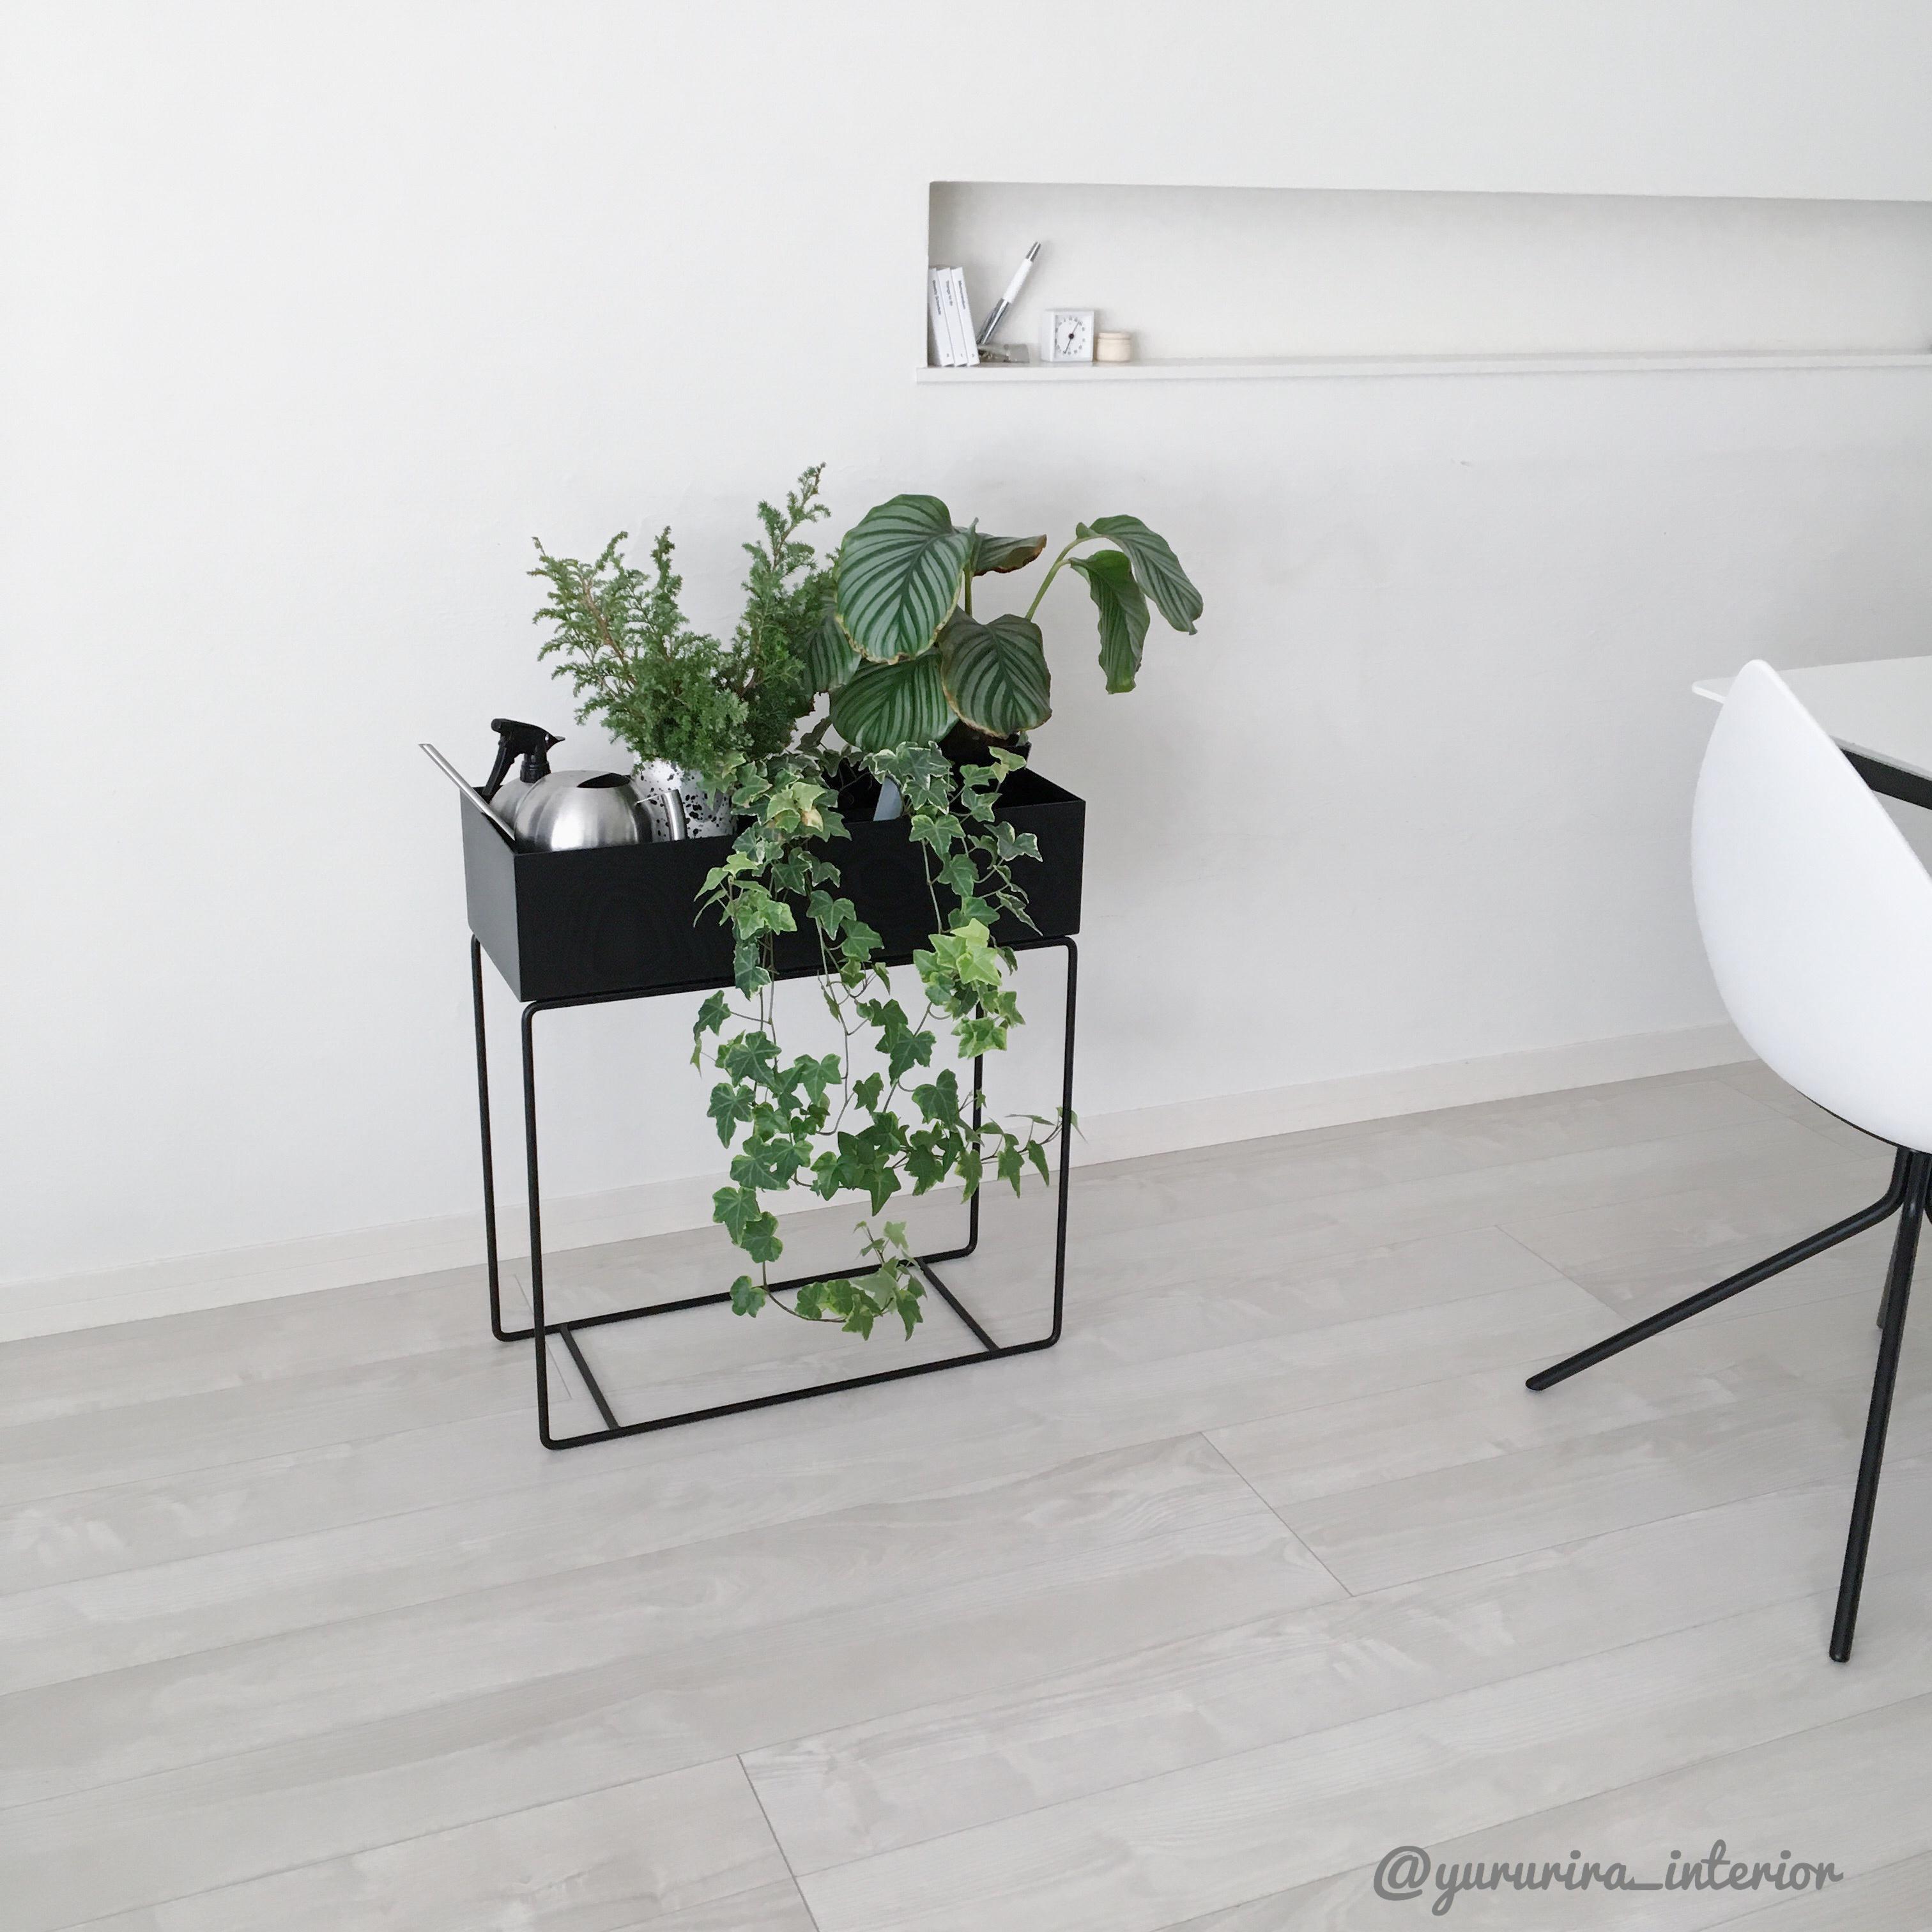 北欧インテリア★fermlivingのプラントボックスに冬植物を飾りました♪